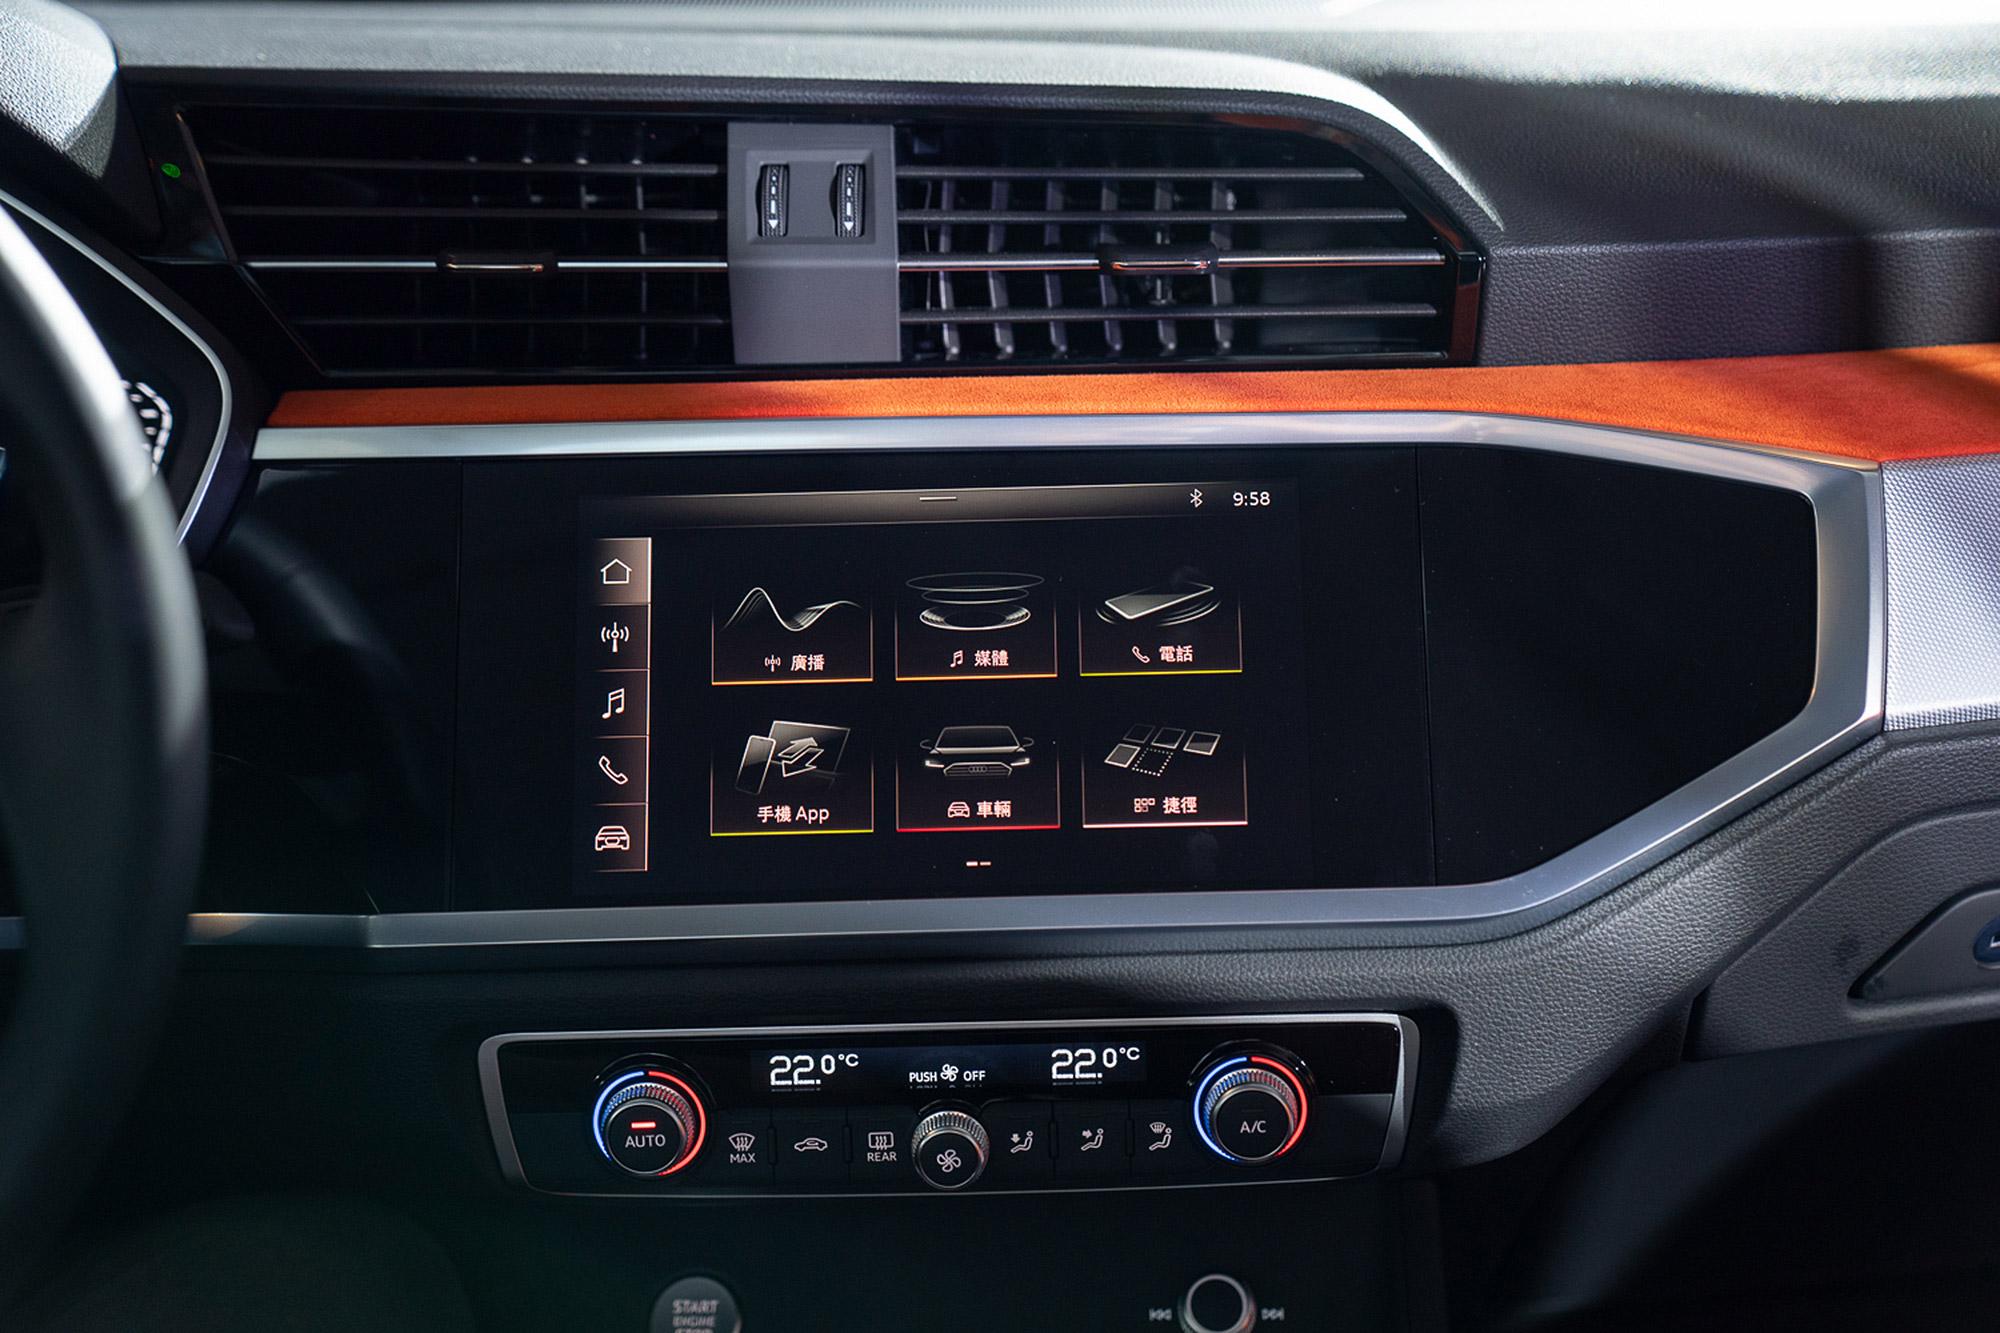 標配 8.8 吋中控台觸控螢幕。